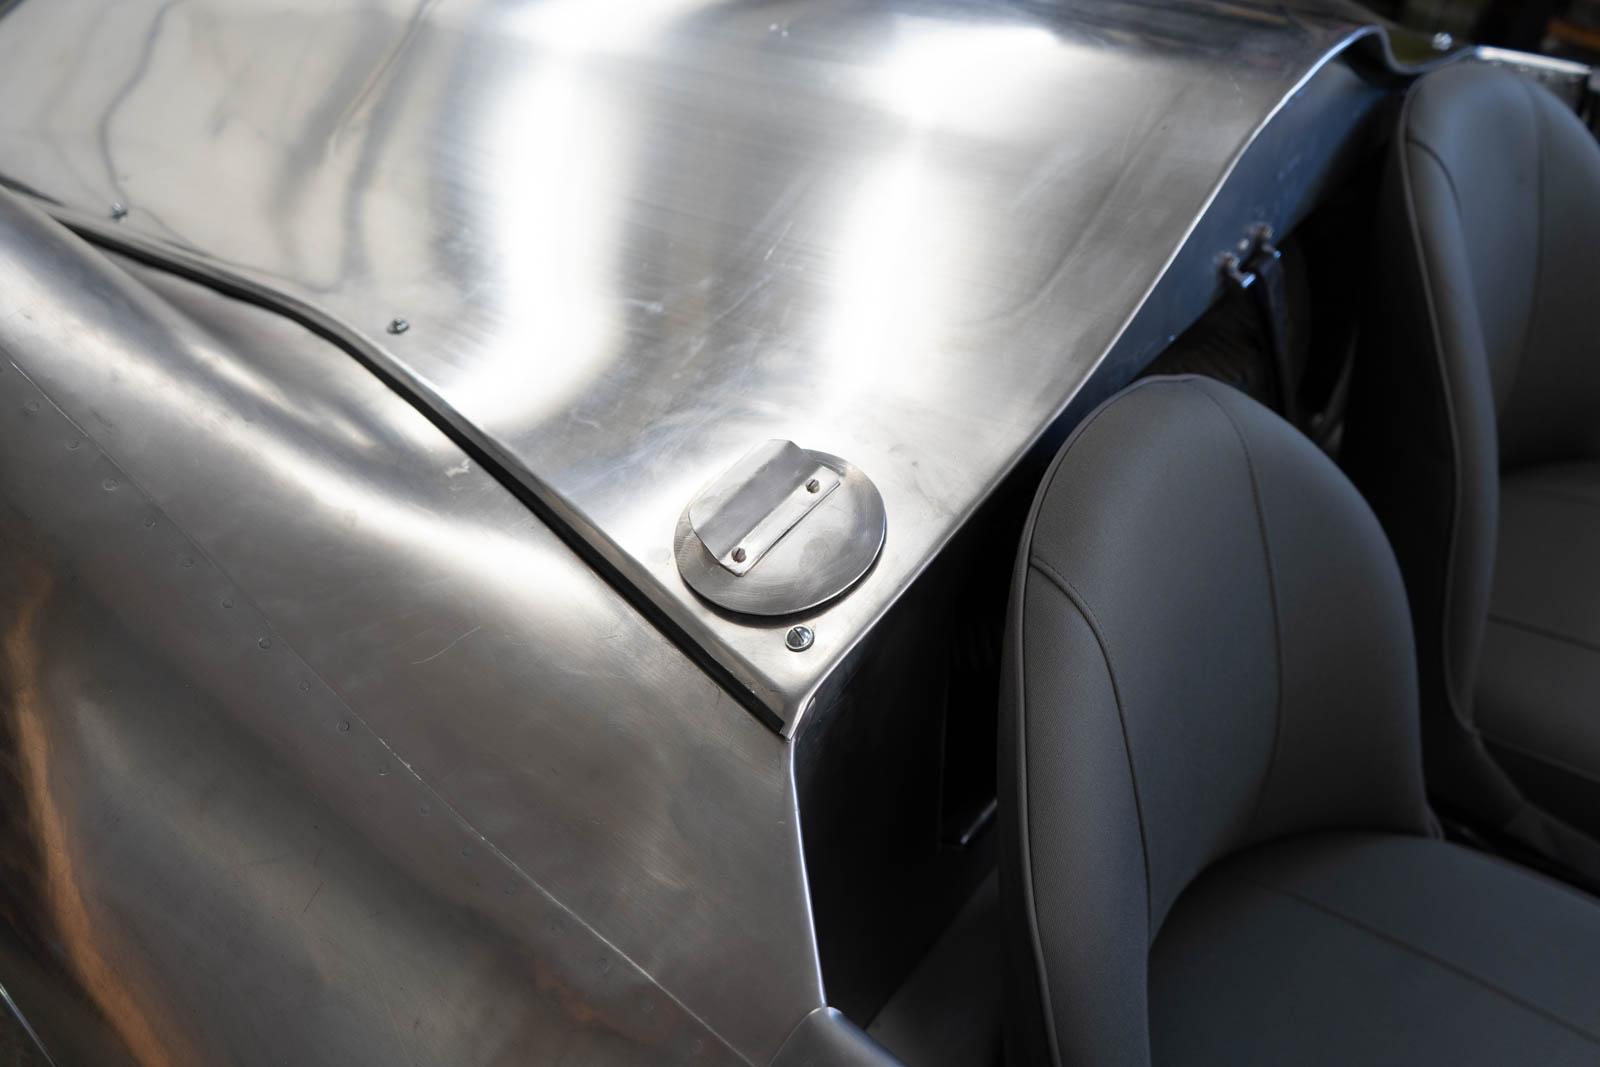 Blick auf die Karosse mit Tankdeckel